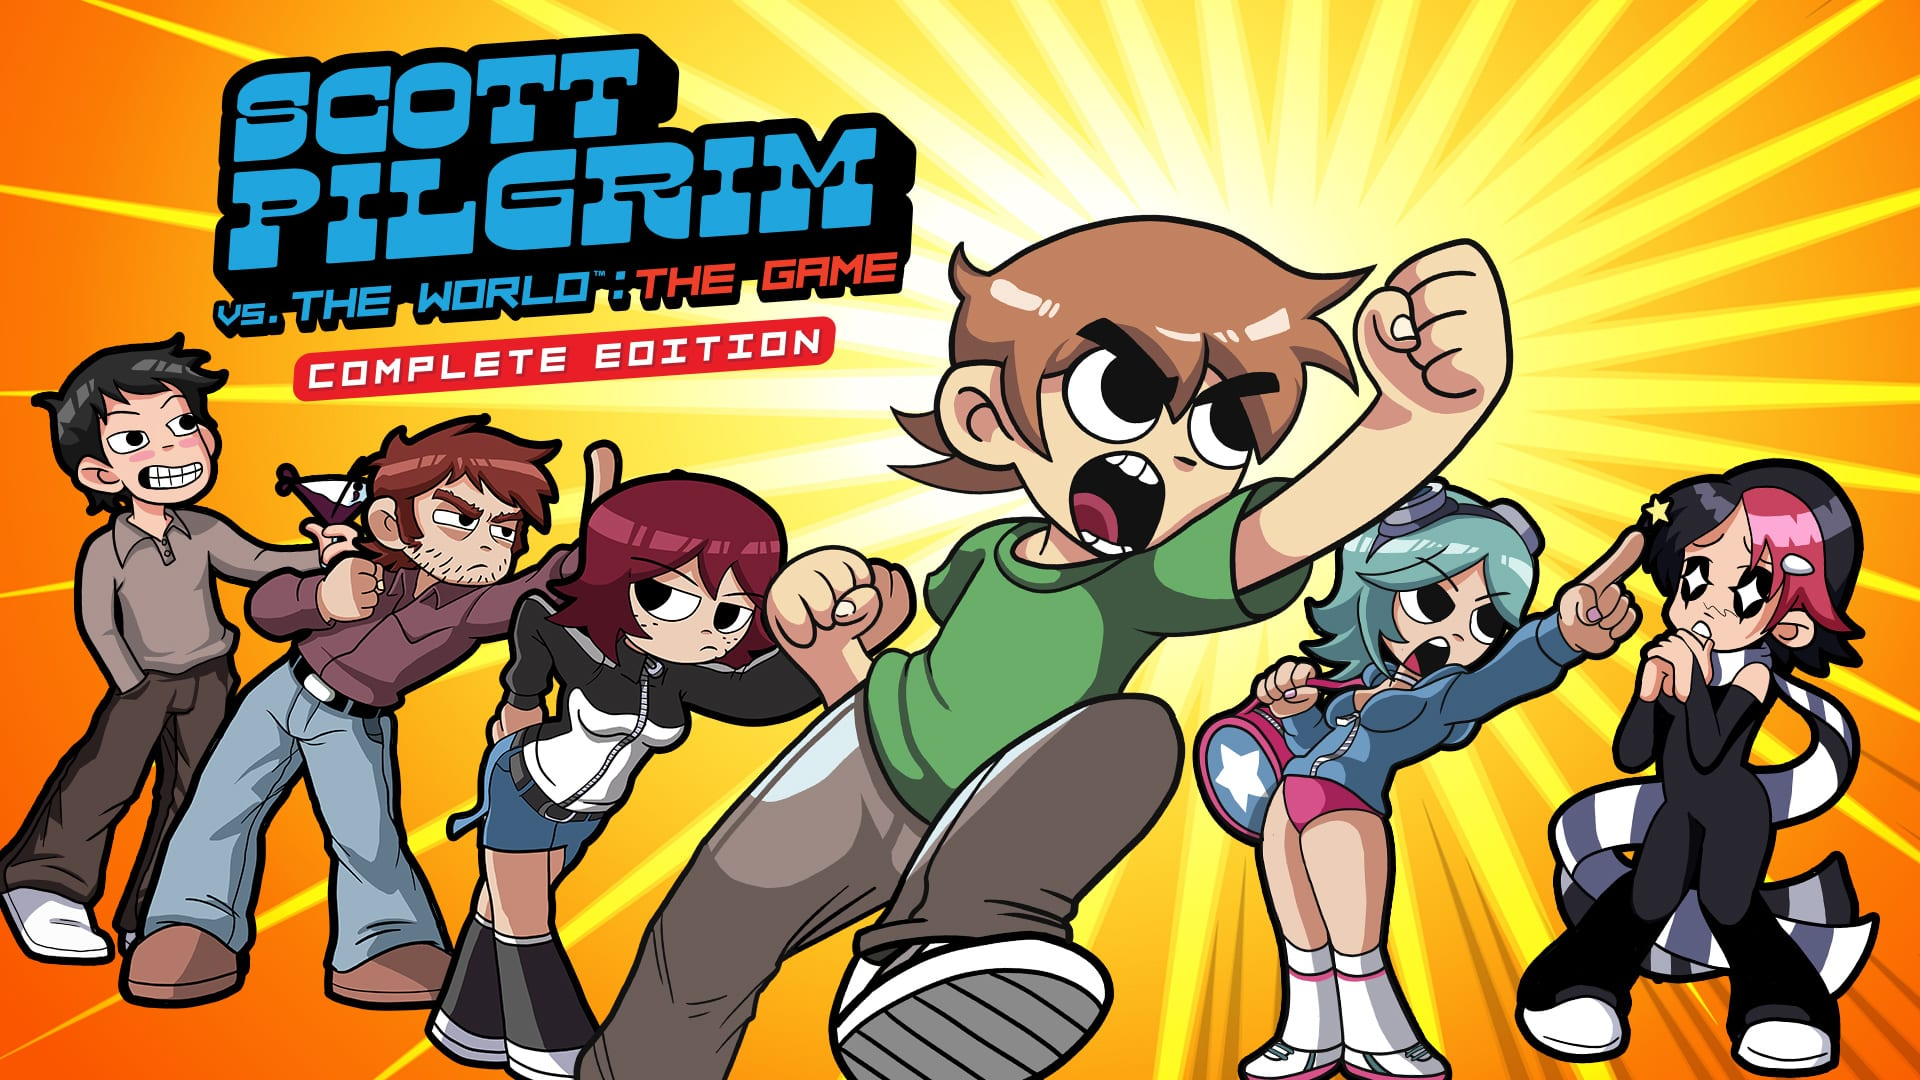 Scott Pilgrim vs The World: The Game